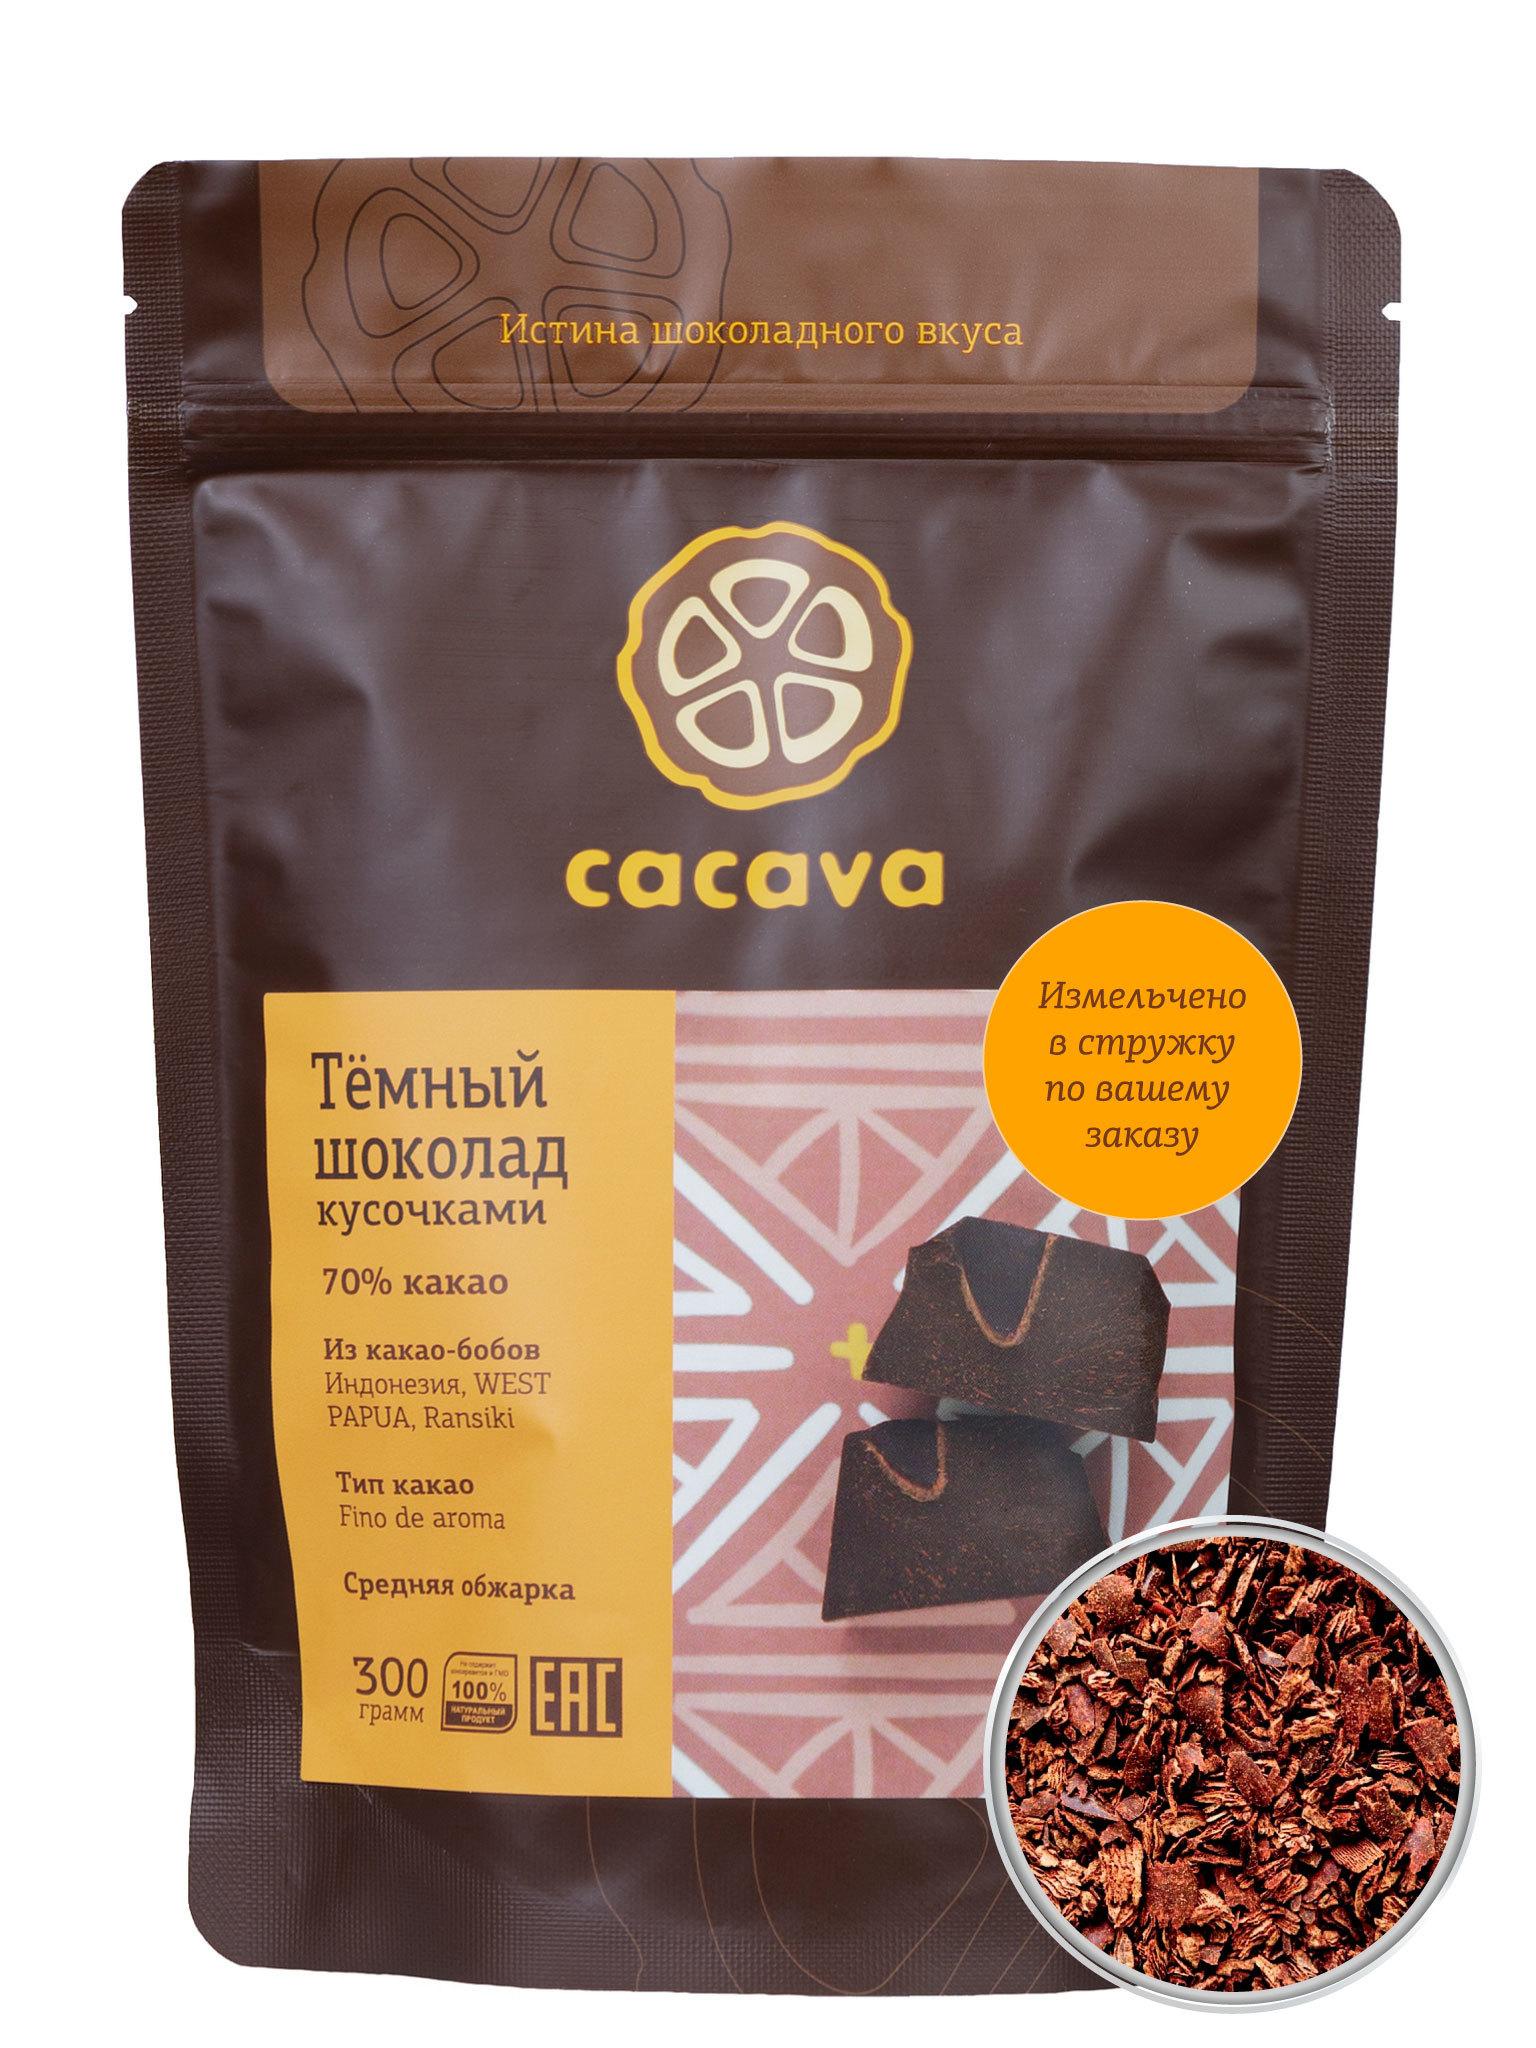 Тёмный шоколад 70 % какао в стружке (Индонезия, WEST PAPUA, Ransiki), упаковка 300 грамм